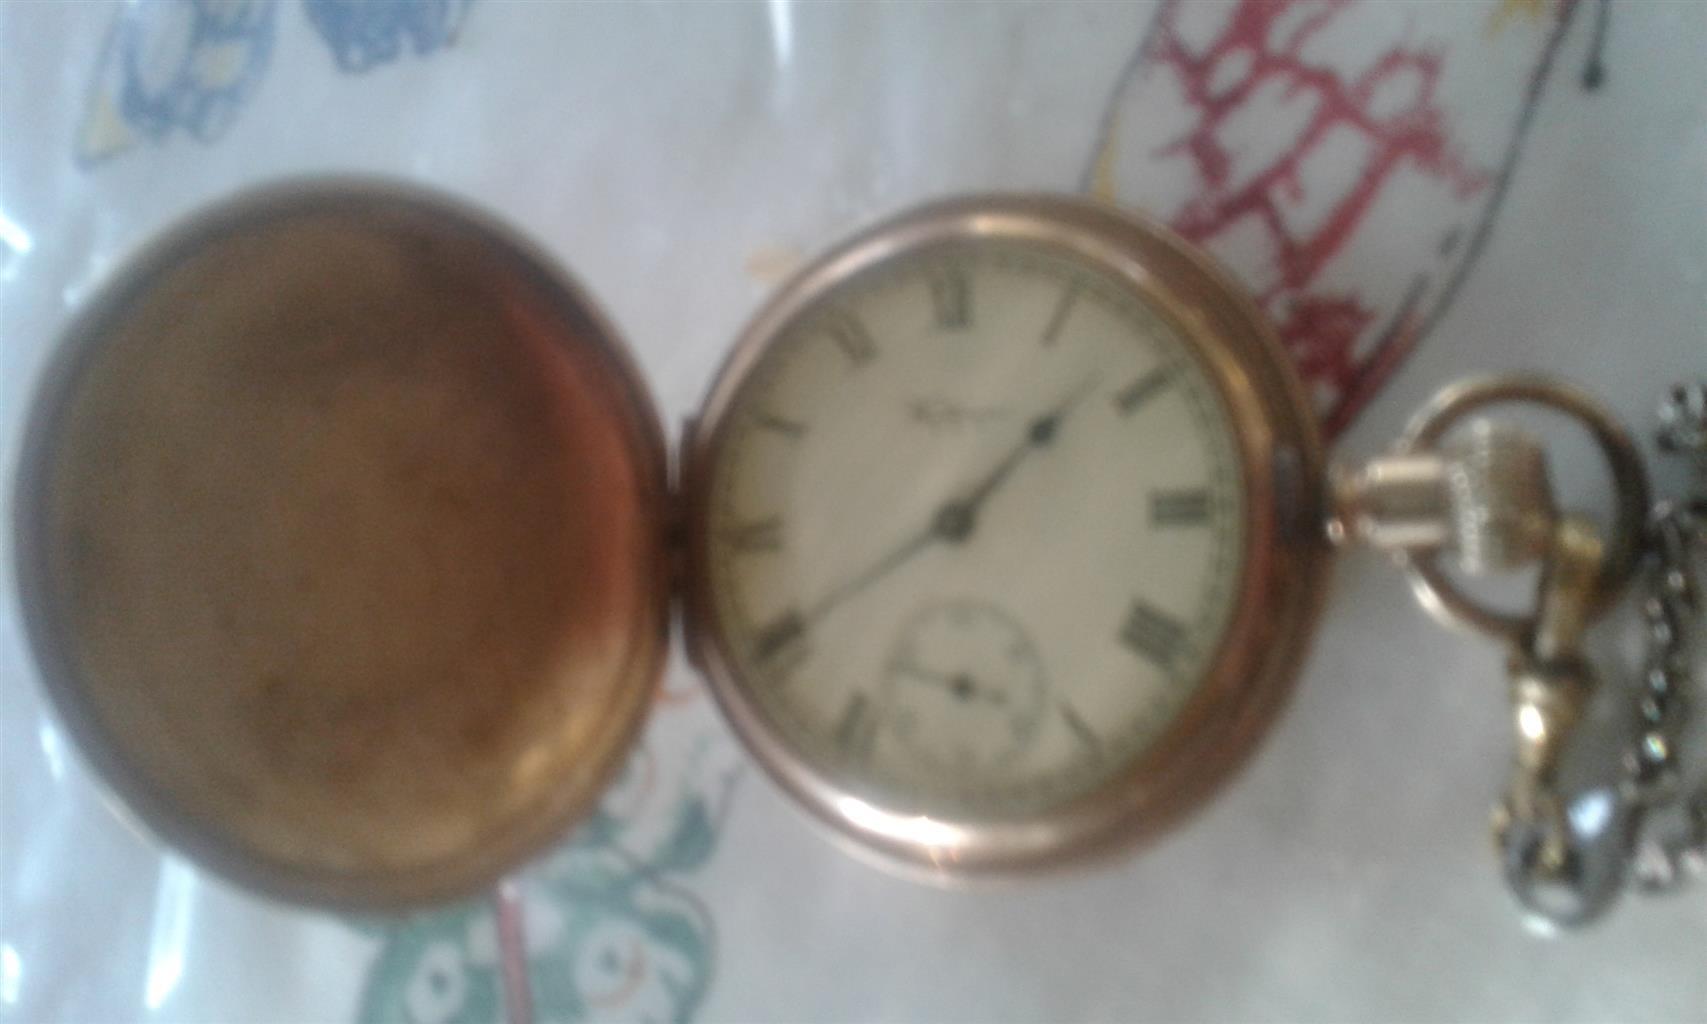 Waltham antique pocket watch